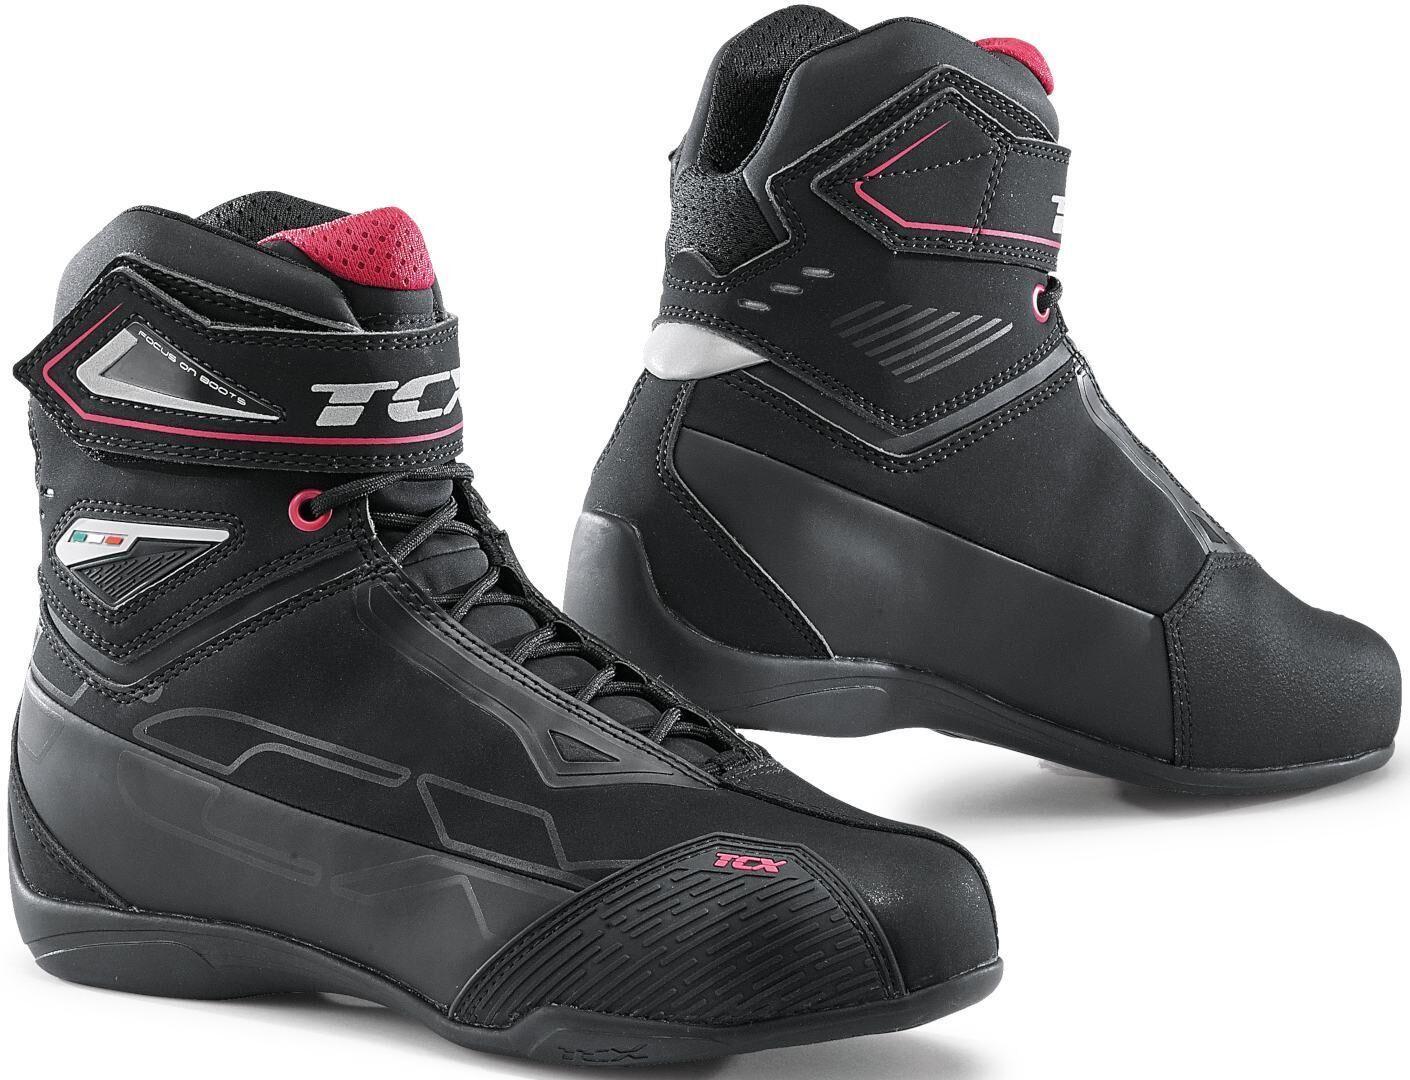 TCX Rush 2 Chaussures de moto pour dames imperméables Noir Rose taille : 35